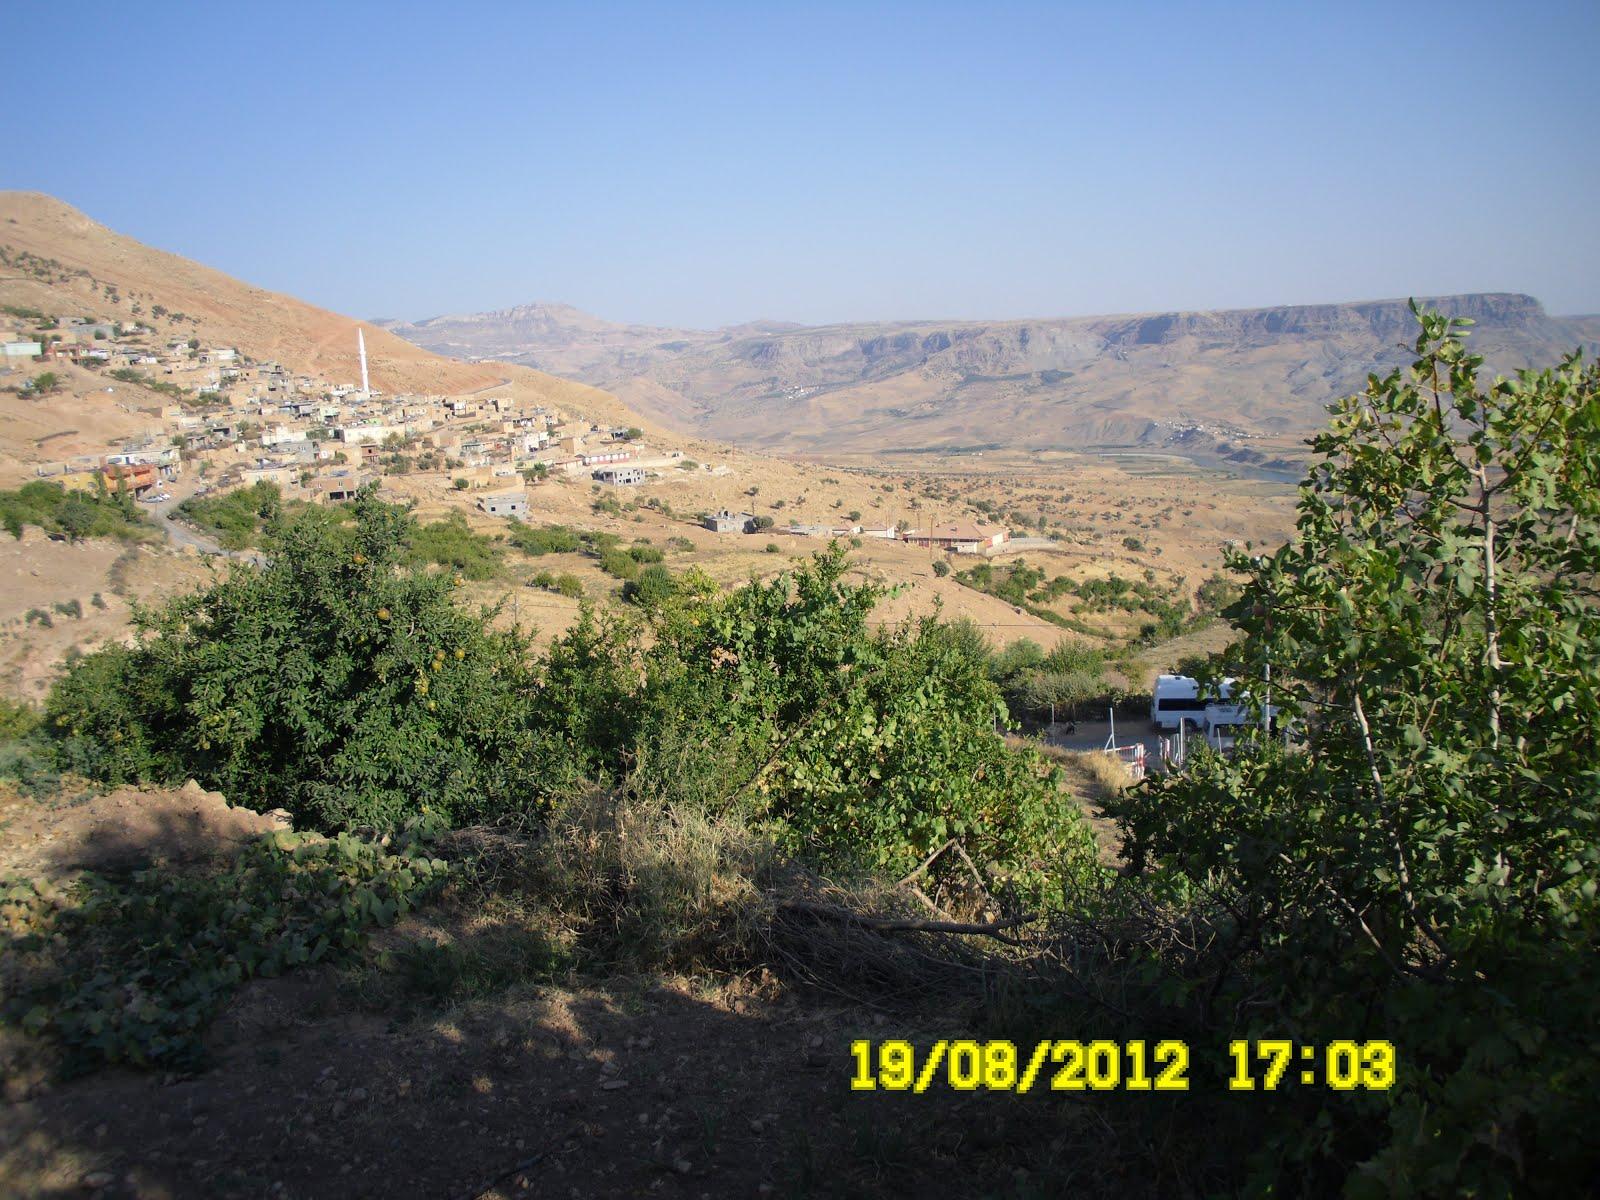 GÜNDE AMARA /temeli köyü/